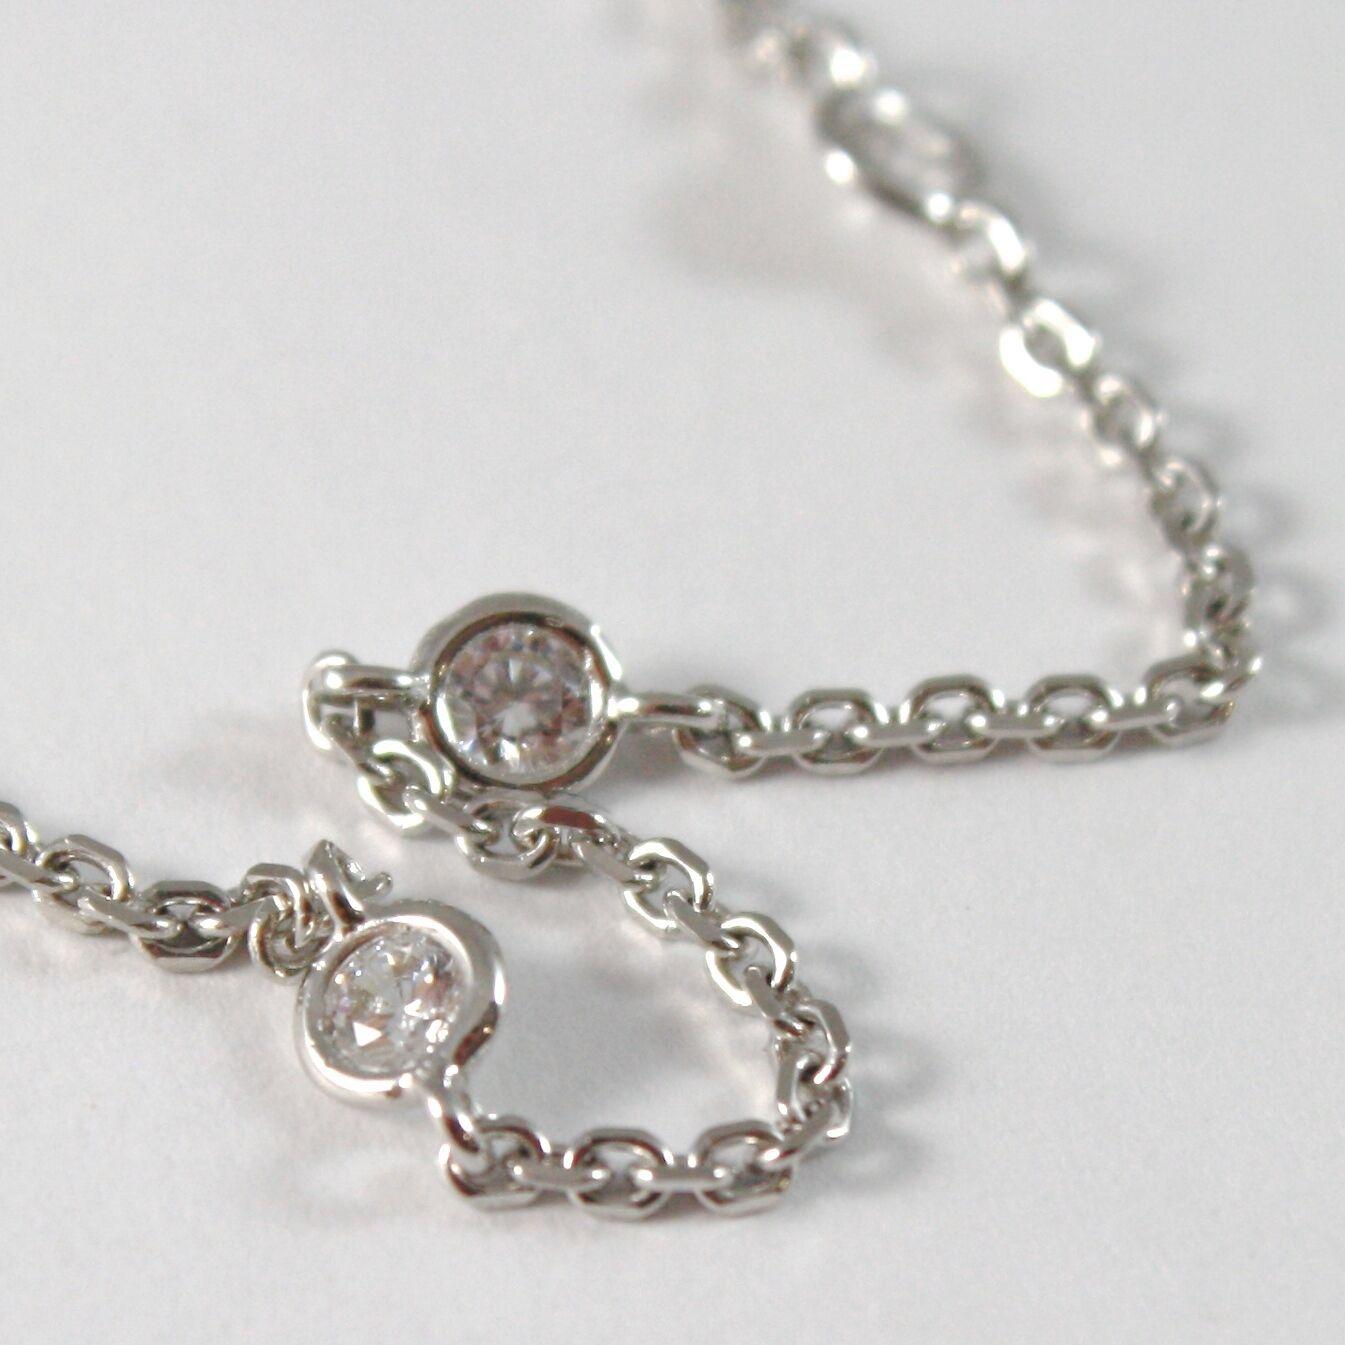 Bracelet en or Blanc 750 18K Zircon et Chaîne Vis- , Longueur 18.5 CM